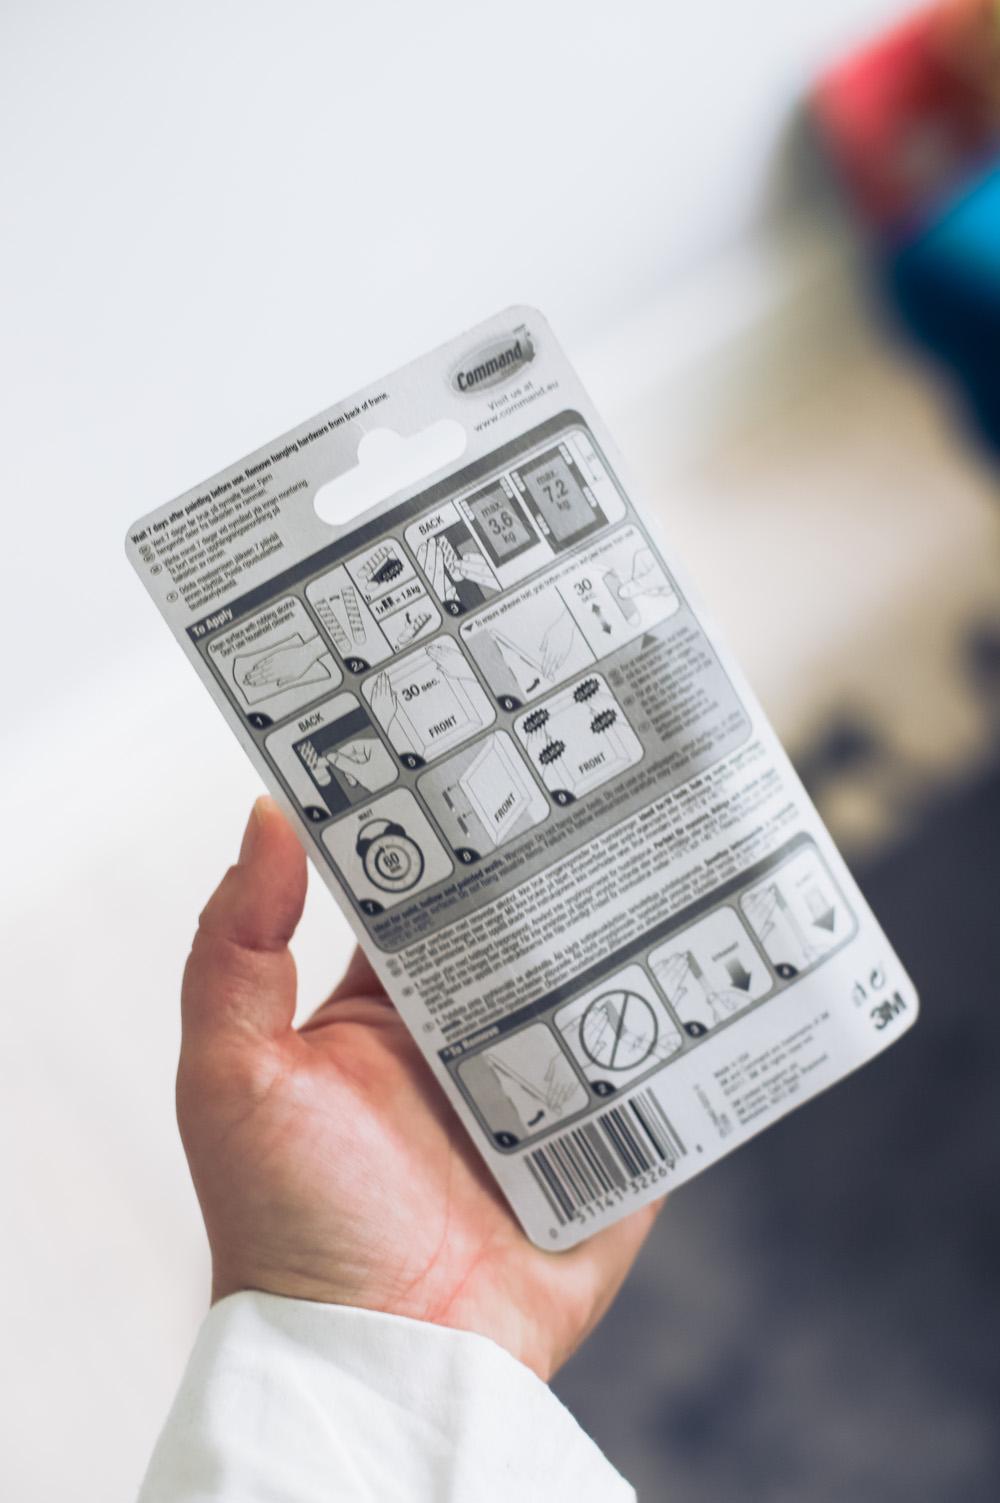 billedvaeg-guide-strips-3m-3-of-8